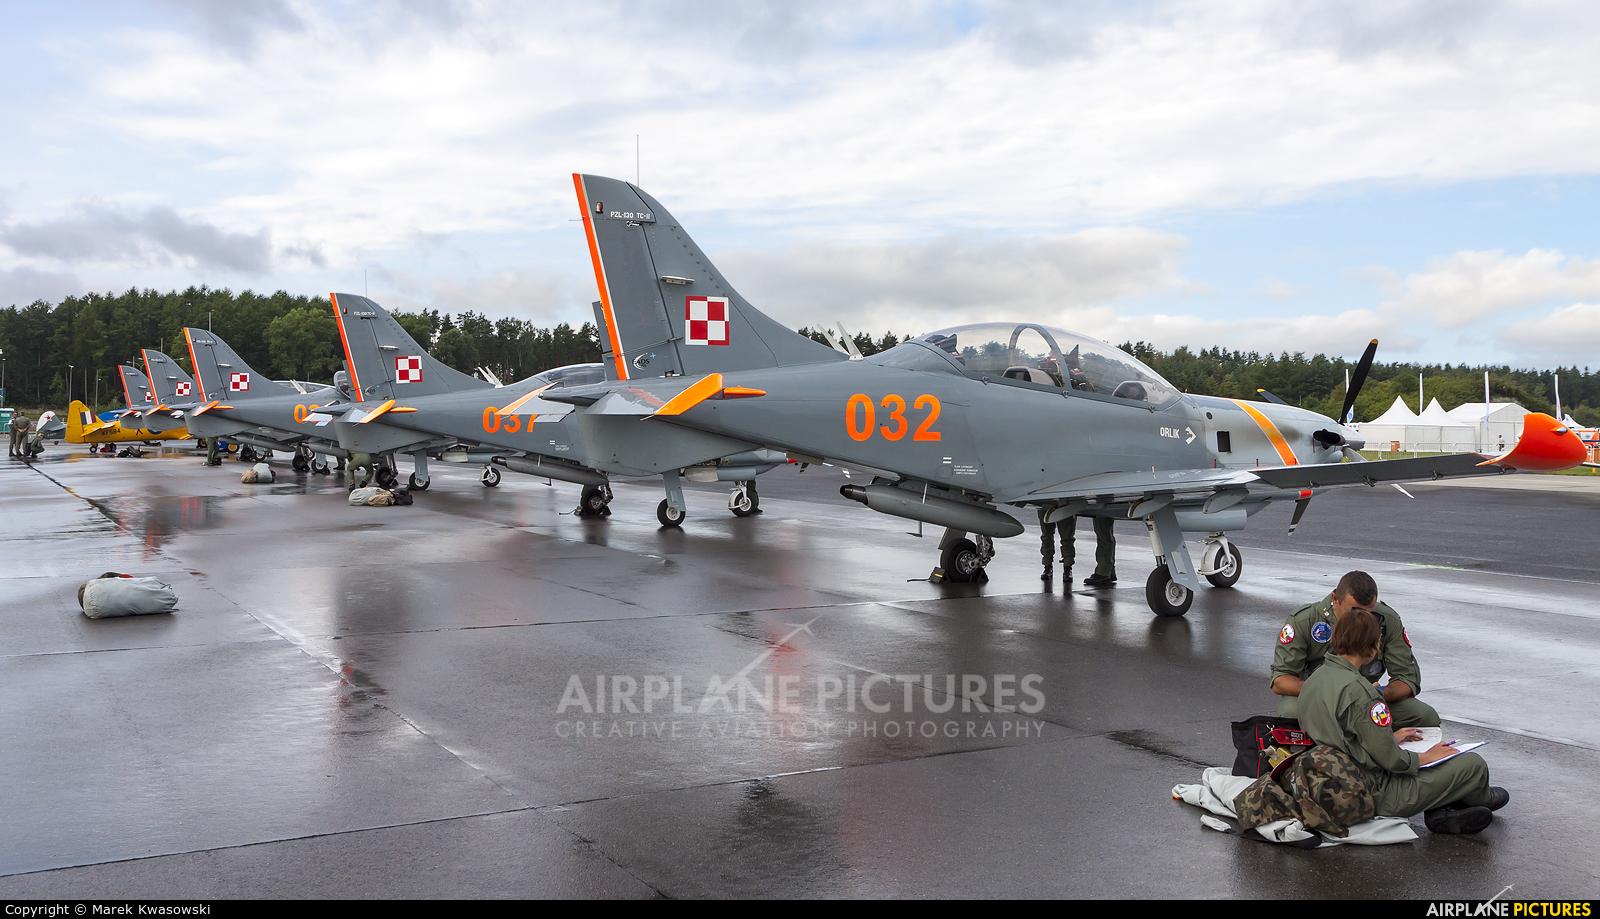 """Poland - Air Force """"Orlik Acrobatic Group"""" 032 aircraft at Warsaw - Babice"""